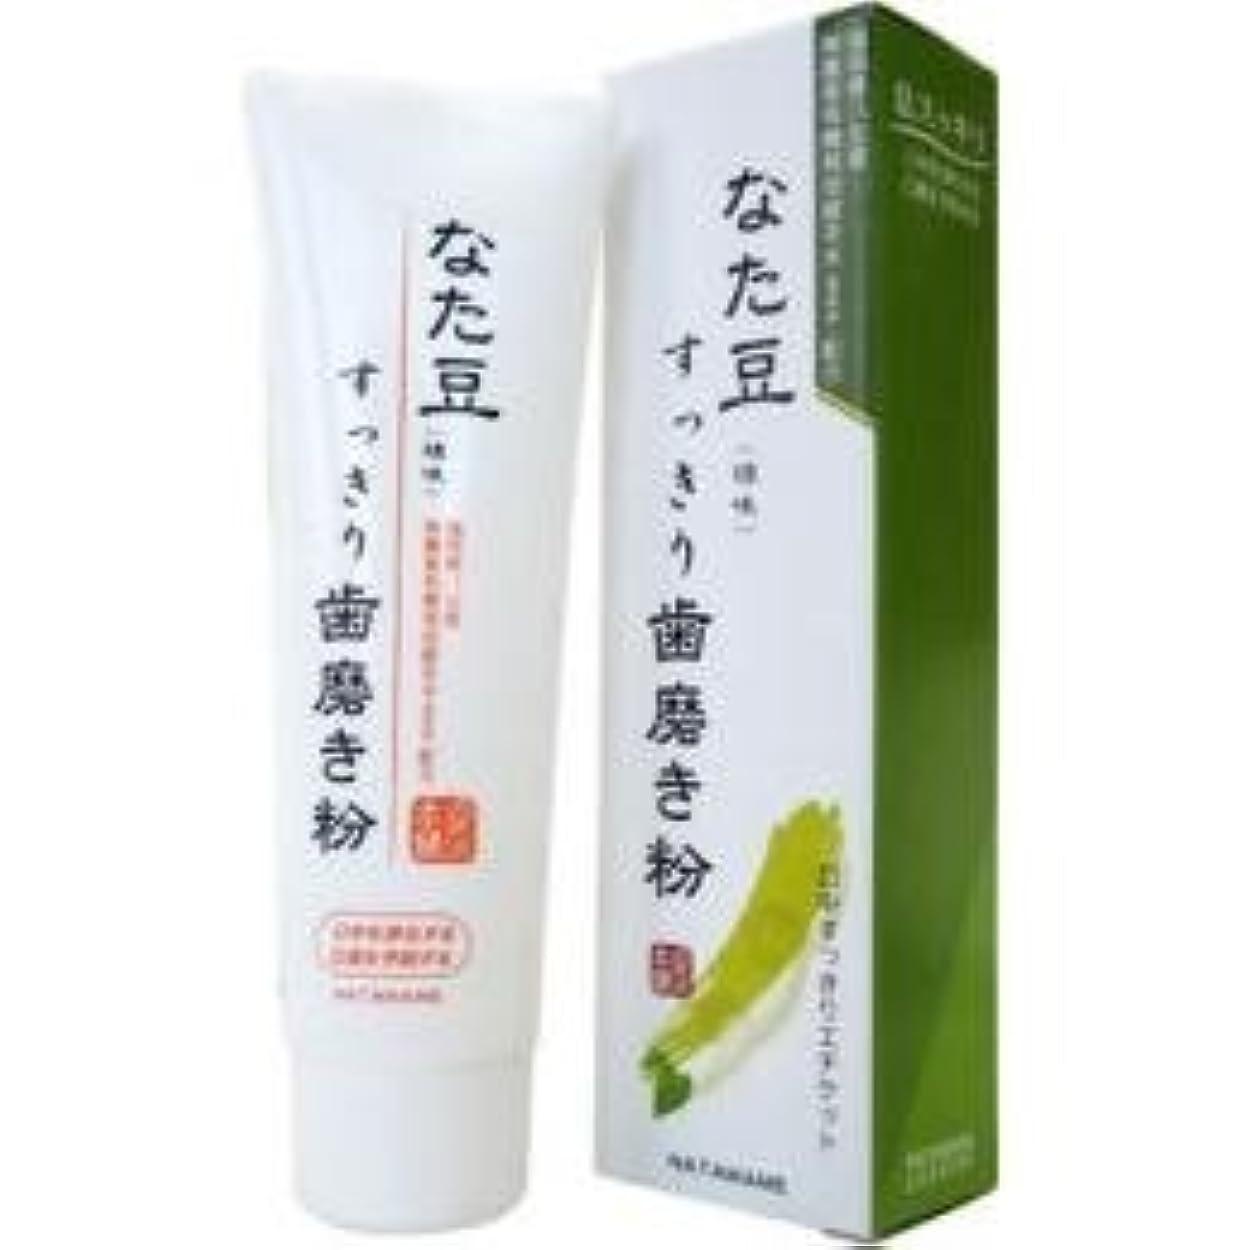 余分なライフル雄弁株式会社三和通商 なた豆すっきり歯磨き粉 120g